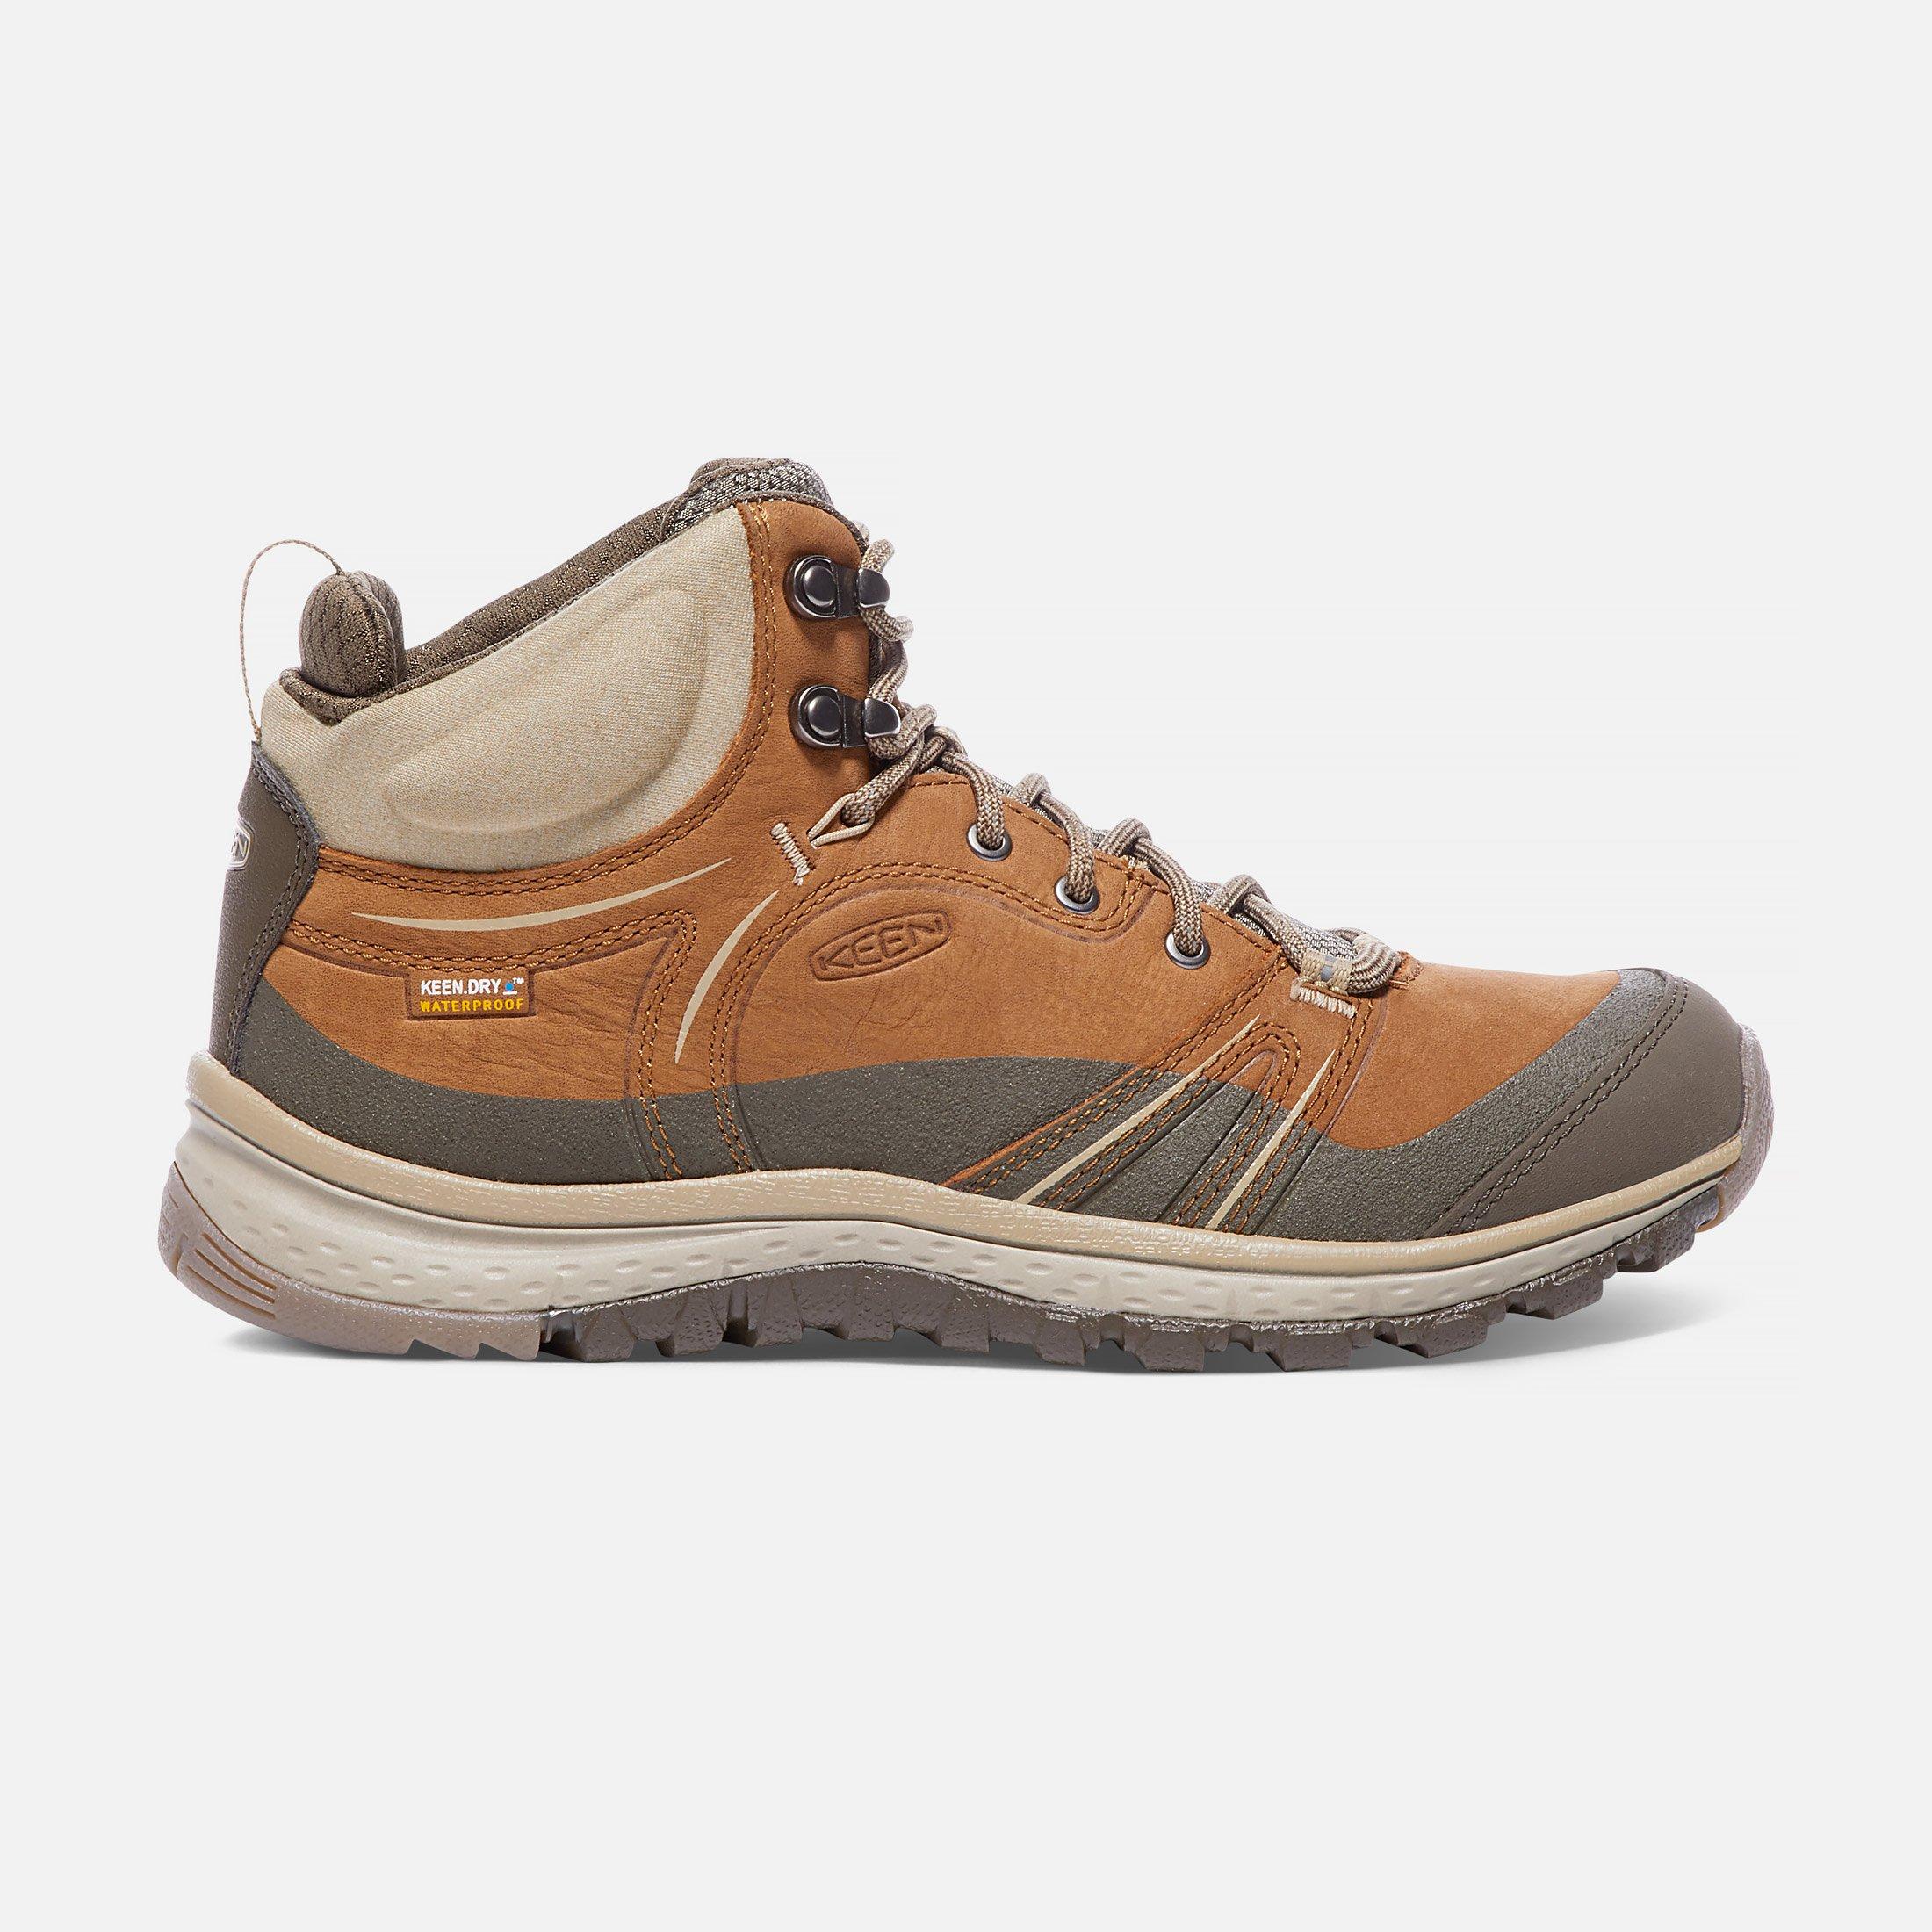 Keen Womens Terradora II Leather Mid Waterproof Walking Boot